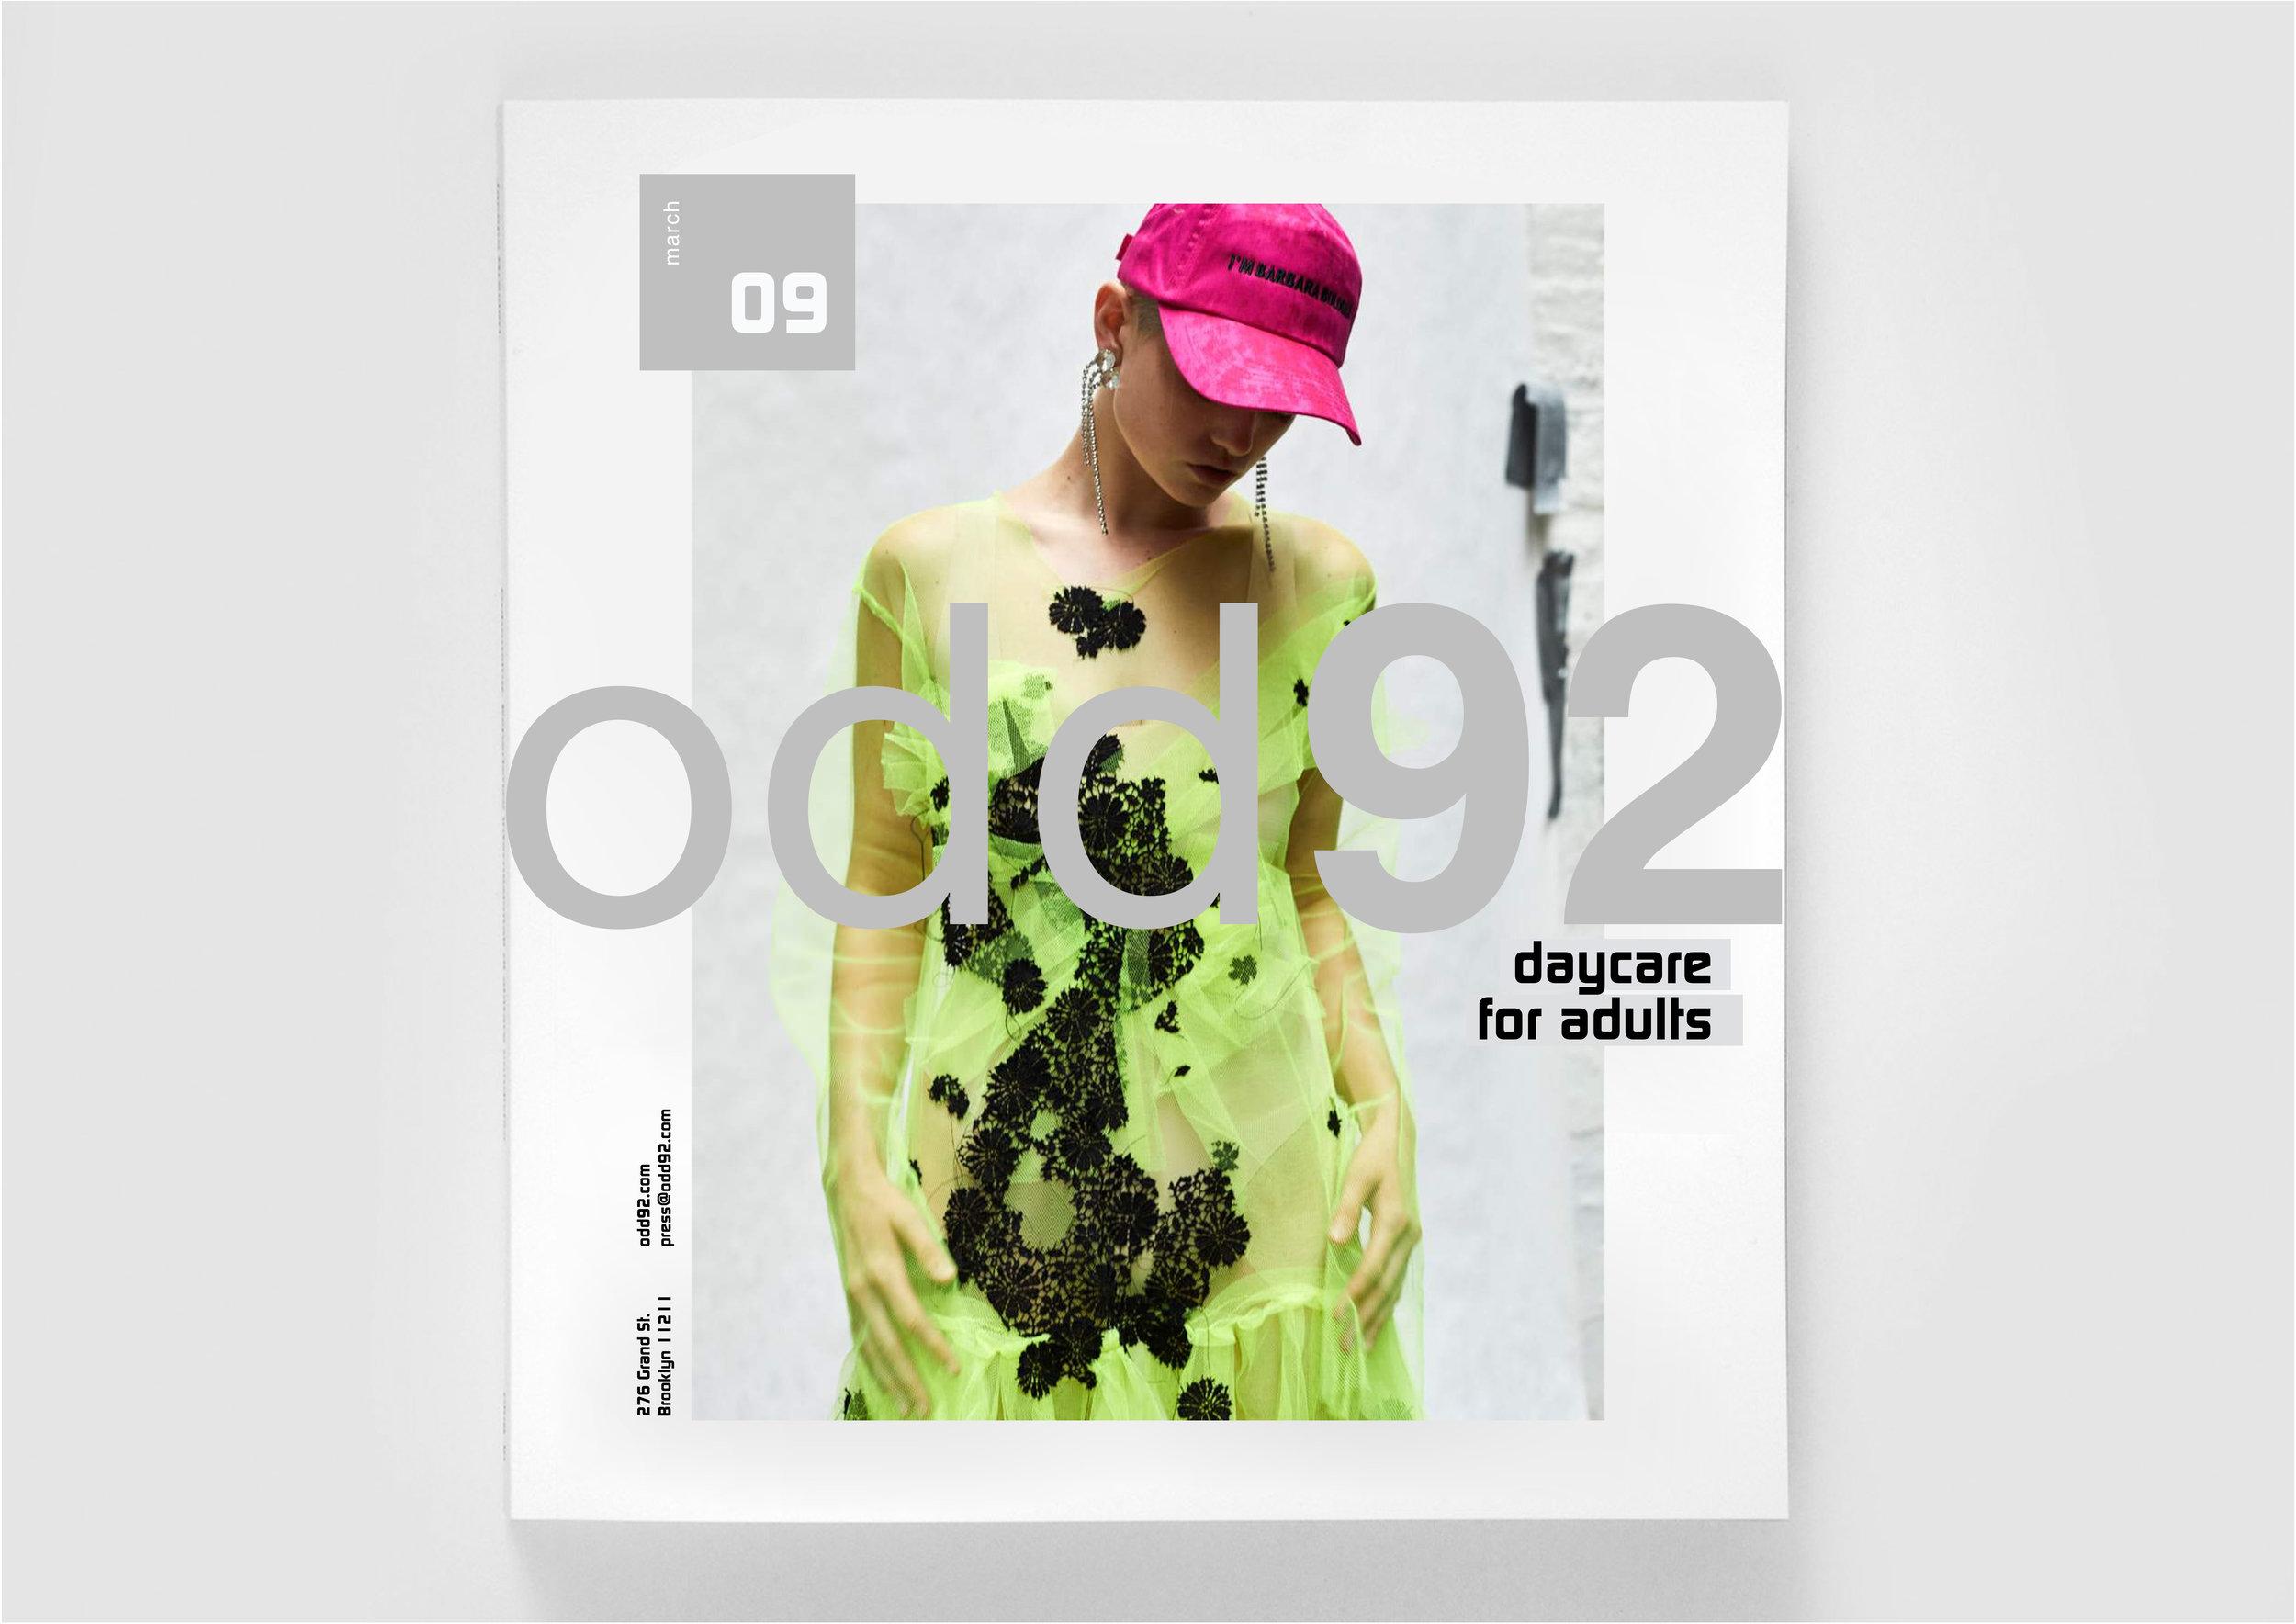 odd92-sanscreative-lookbook-design.jpg